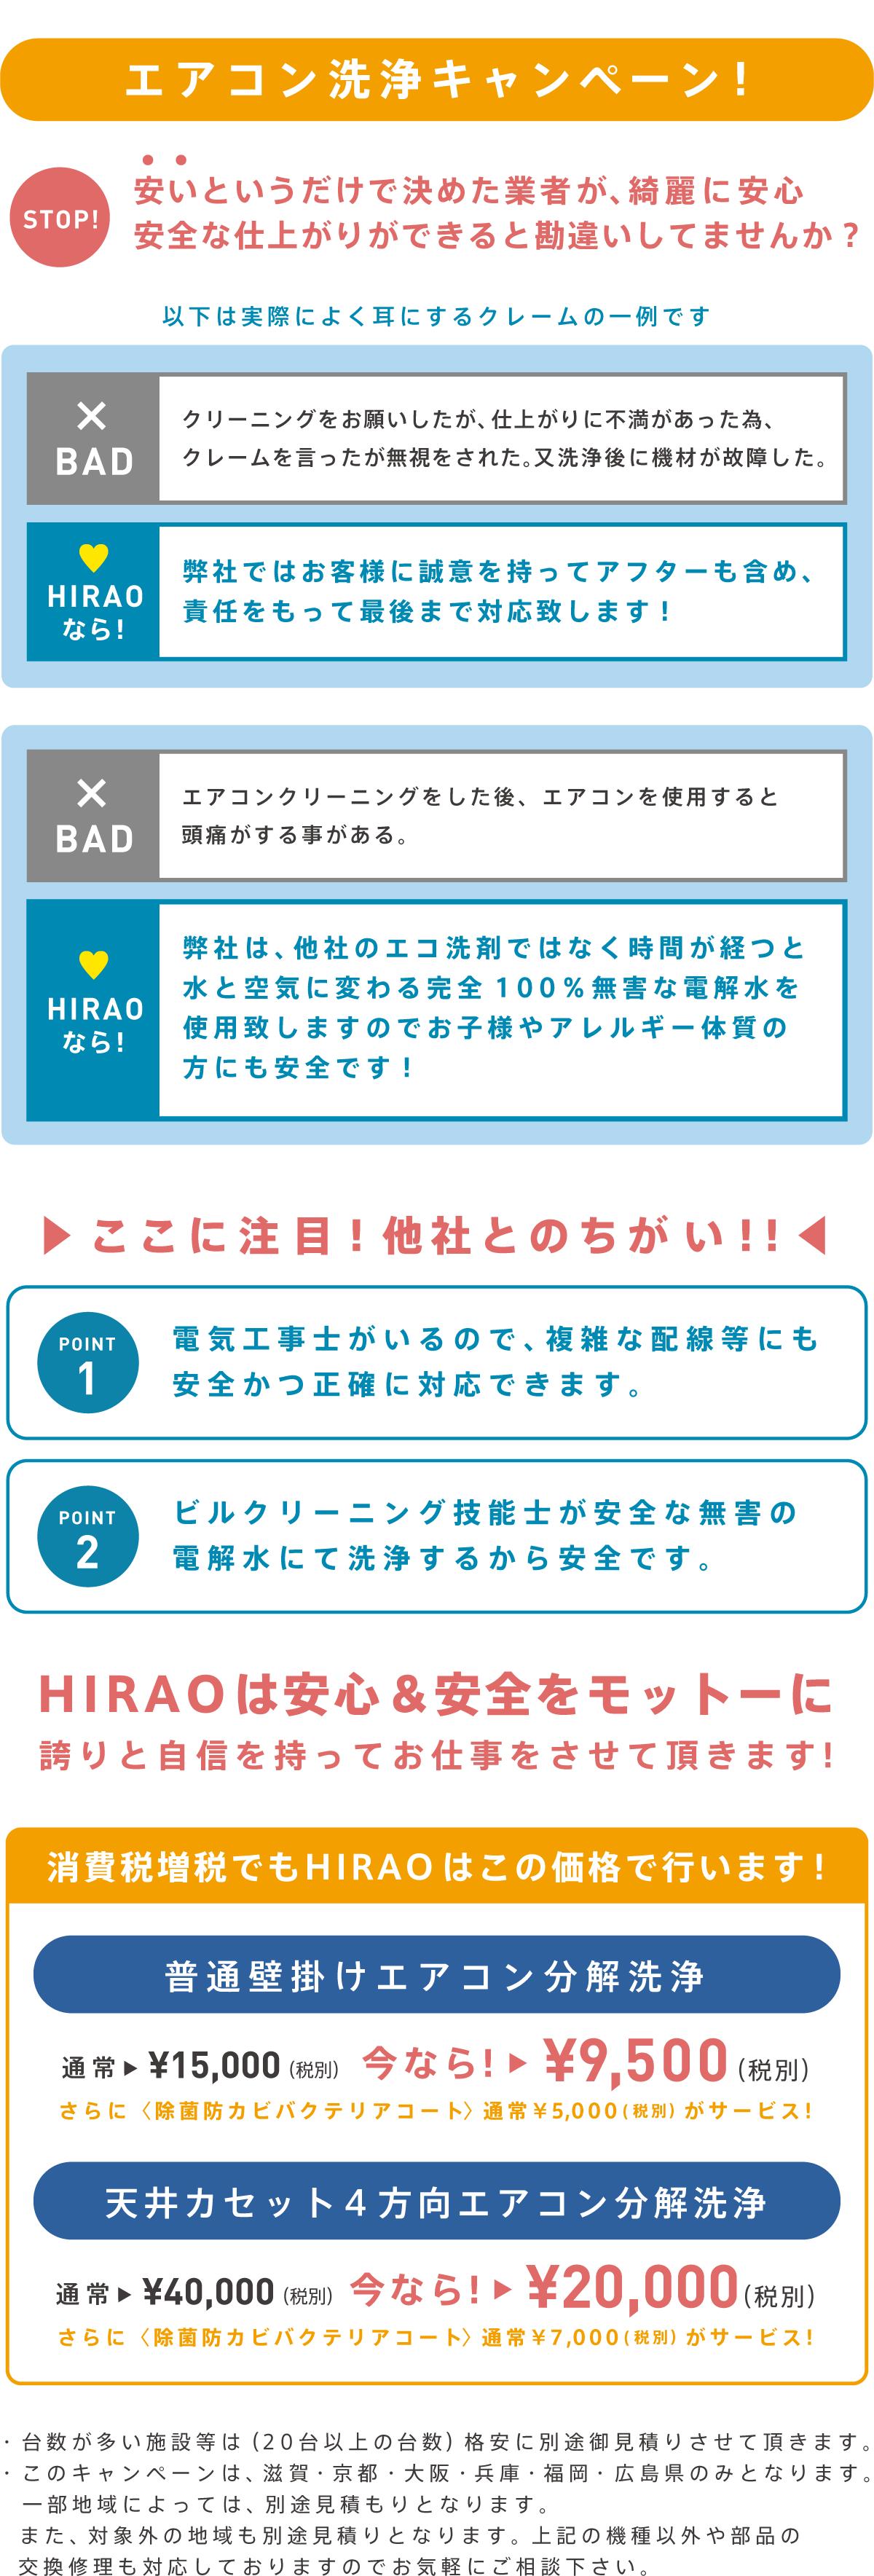 3月よりスタートお子様やアレルギーの方最適!エアコンクリーニングキャンペーン実施中滋賀京都限定 大阪